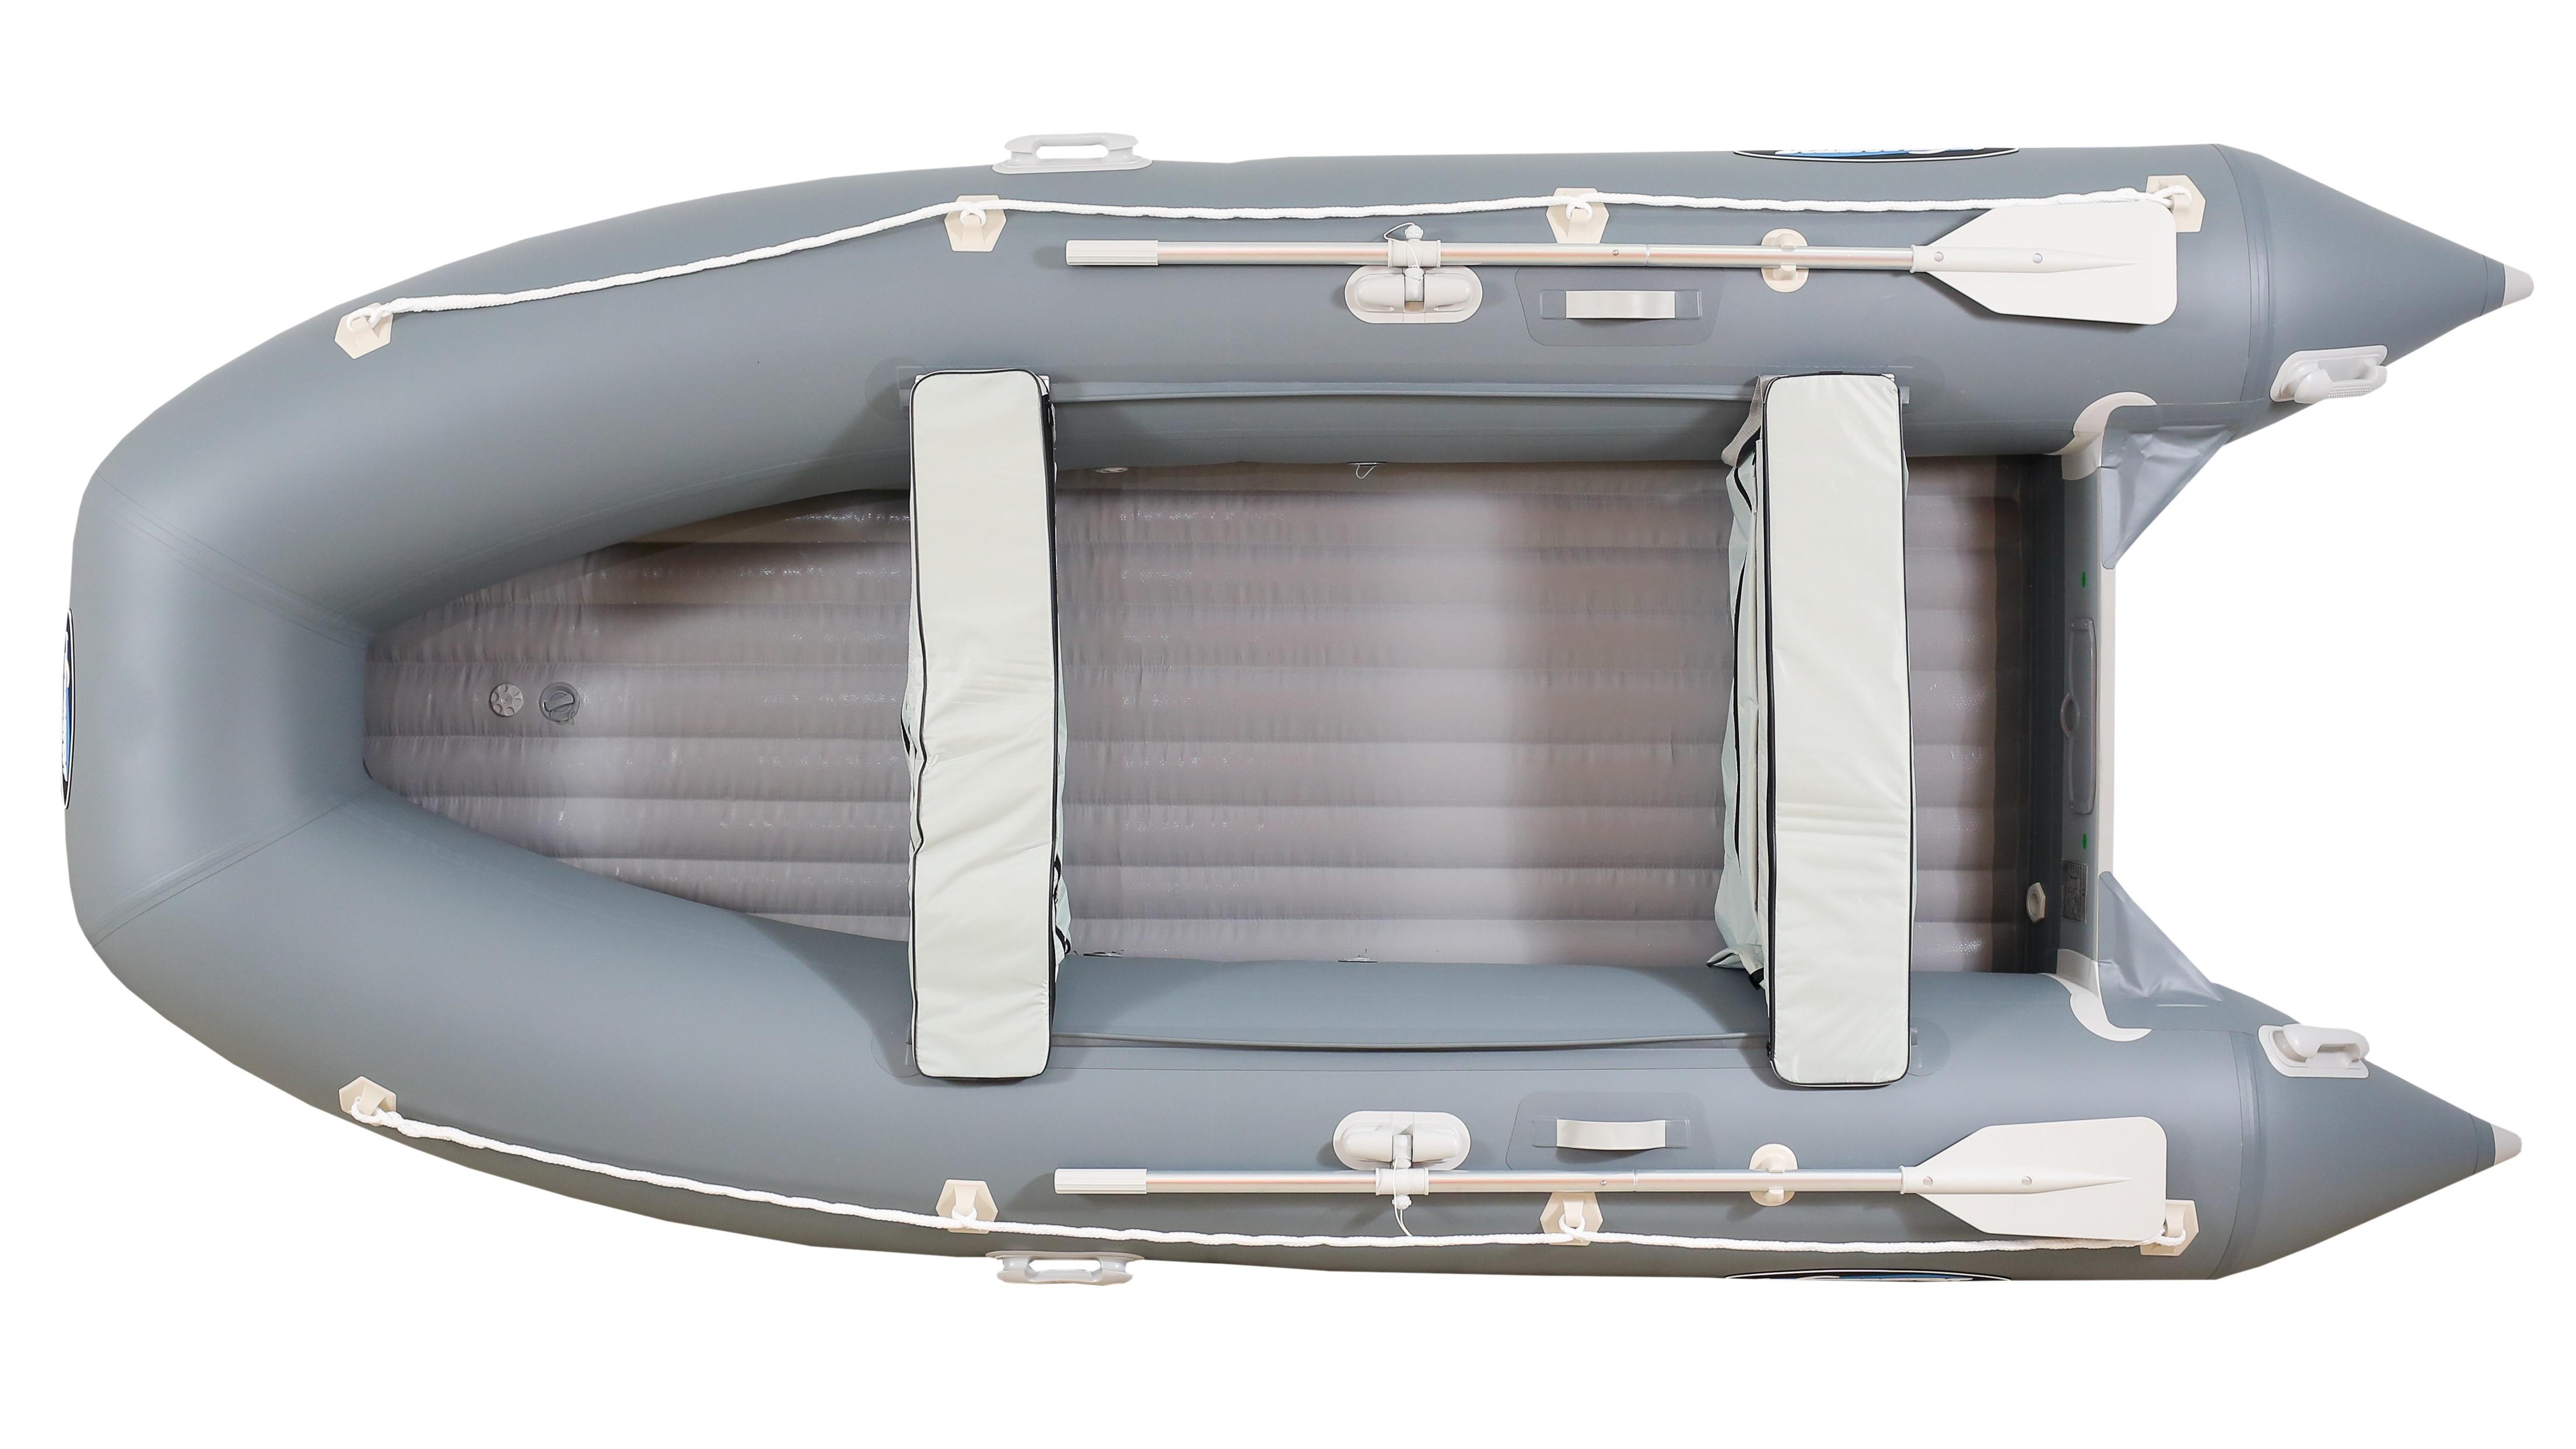 лодка гладиатор тех характеристики